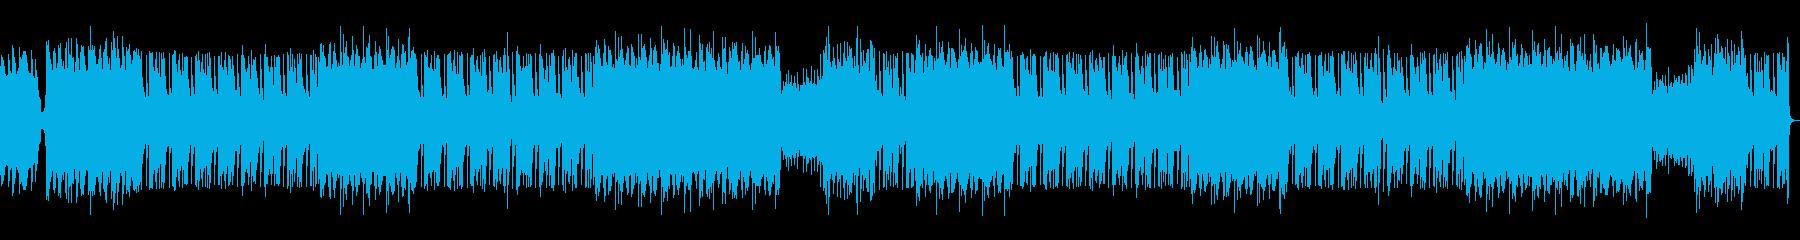 ダークなシーケンスBGMの再生済みの波形